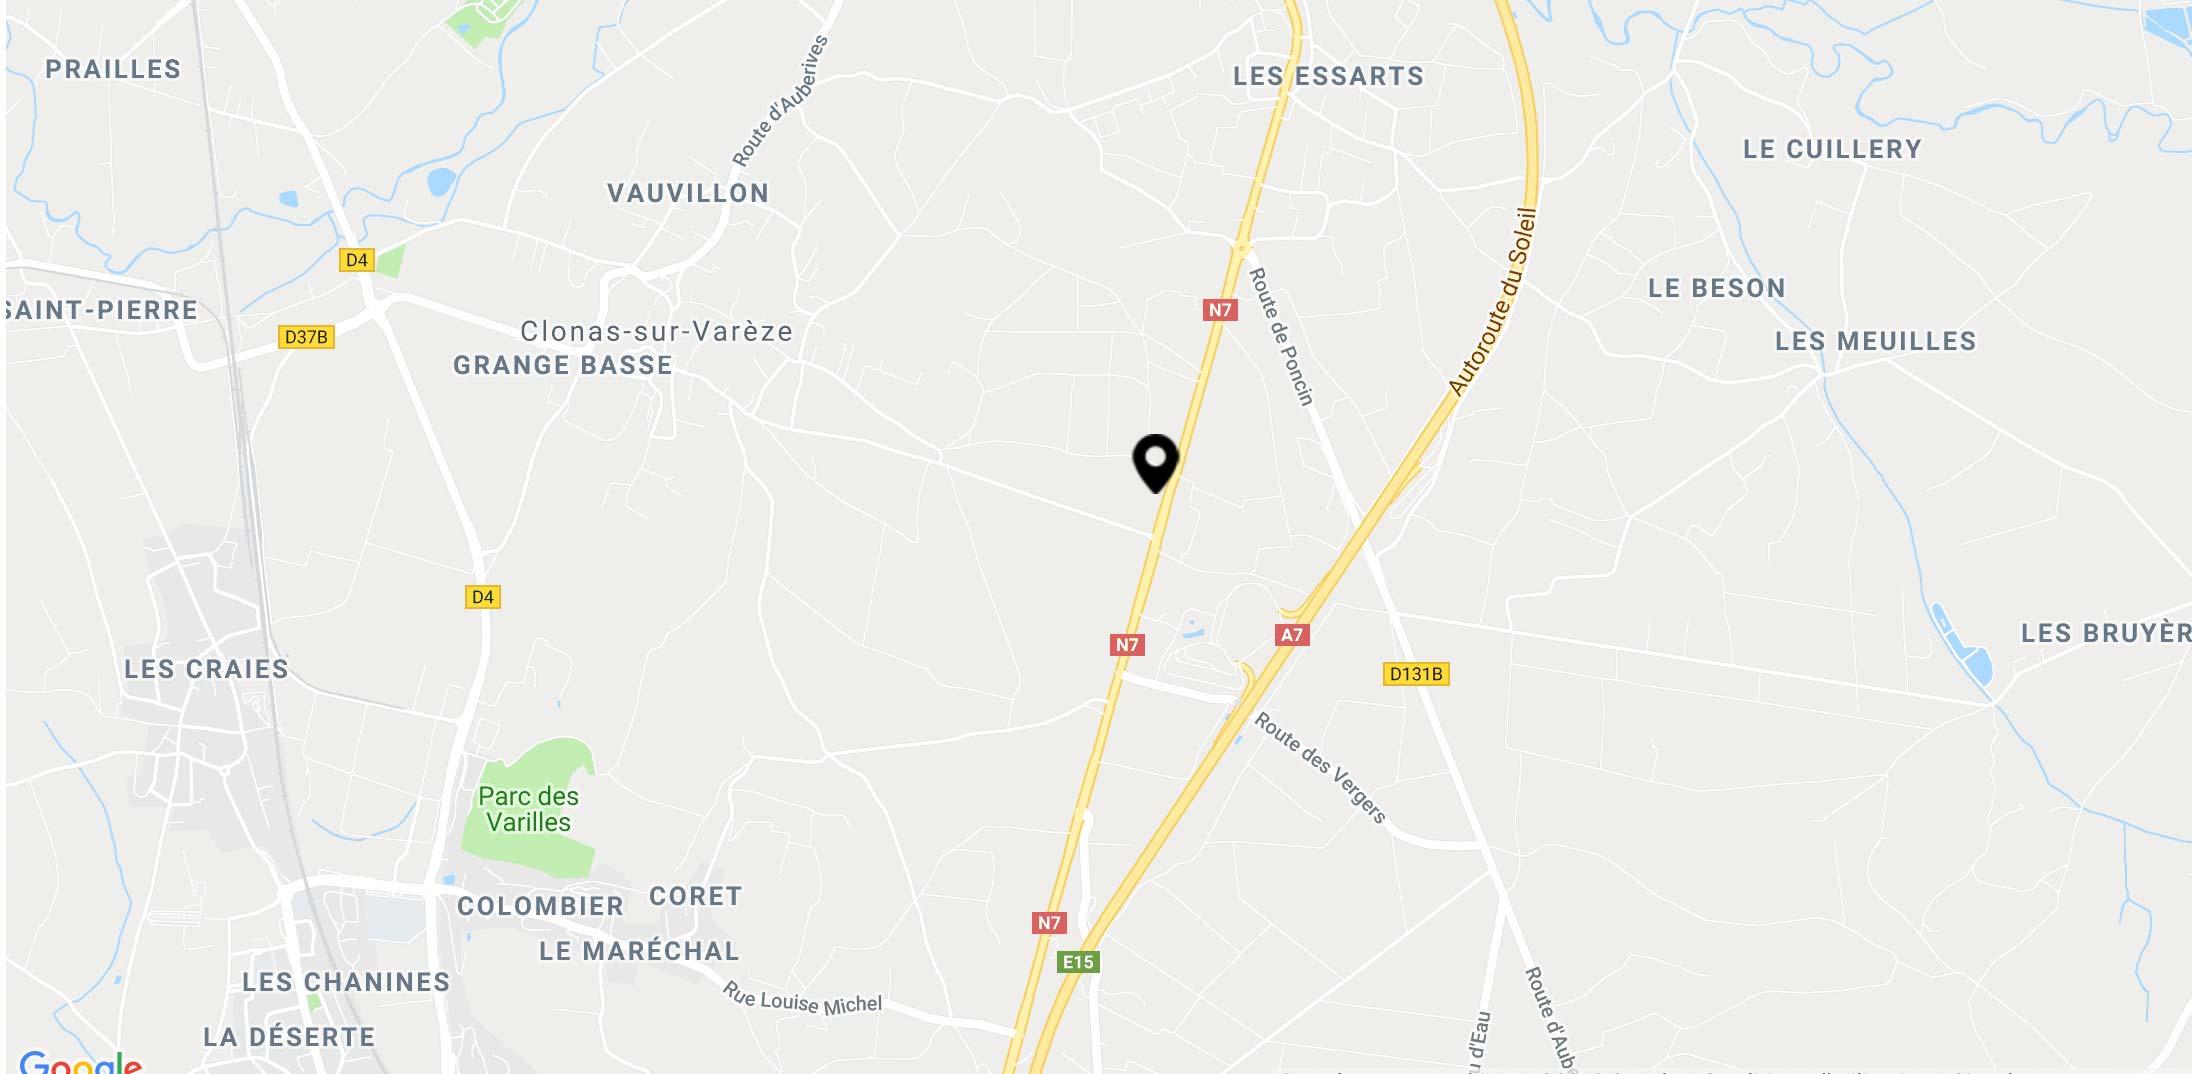 Boucher Piscines & Paysages pisciniste Isère